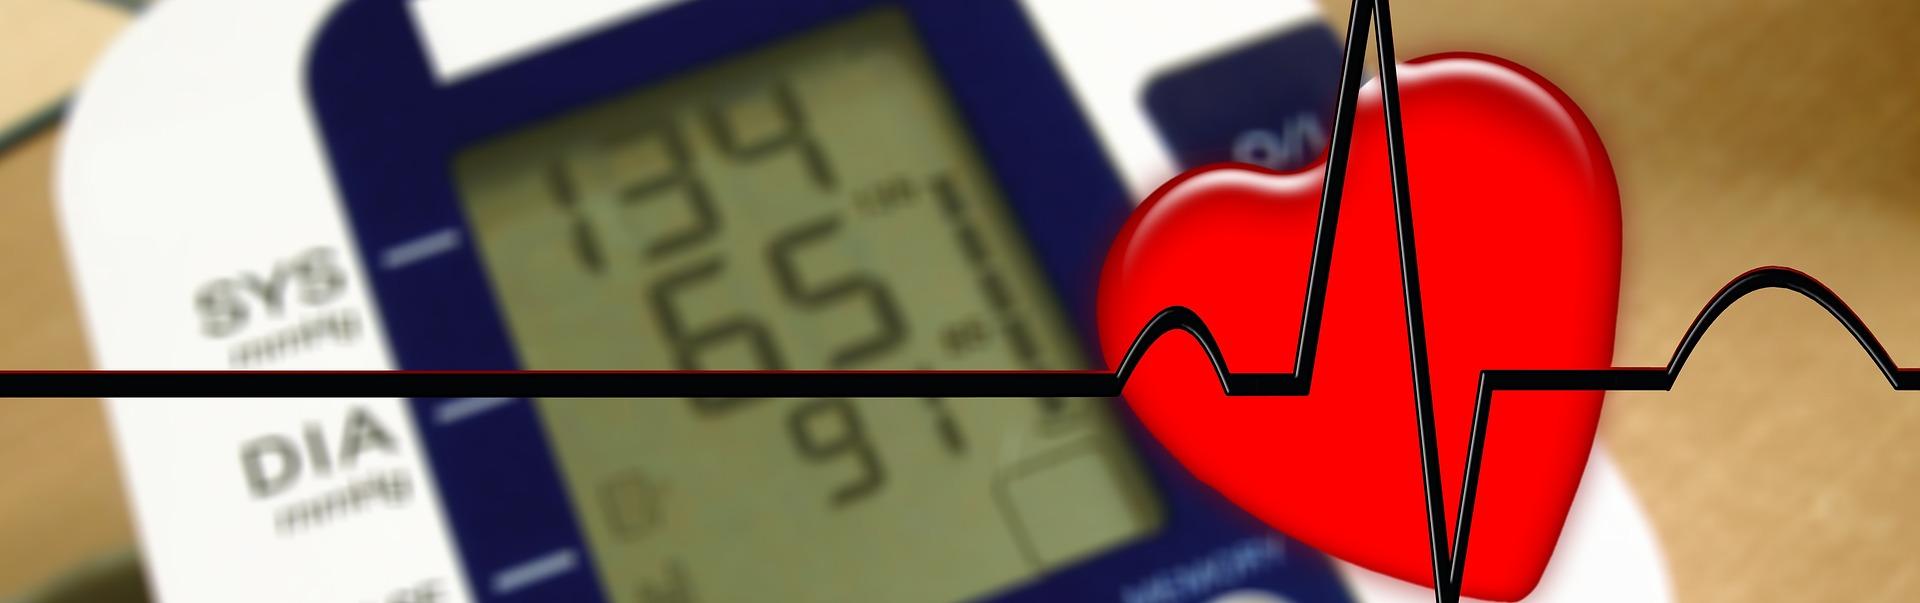 magas vérnyomásban élnek